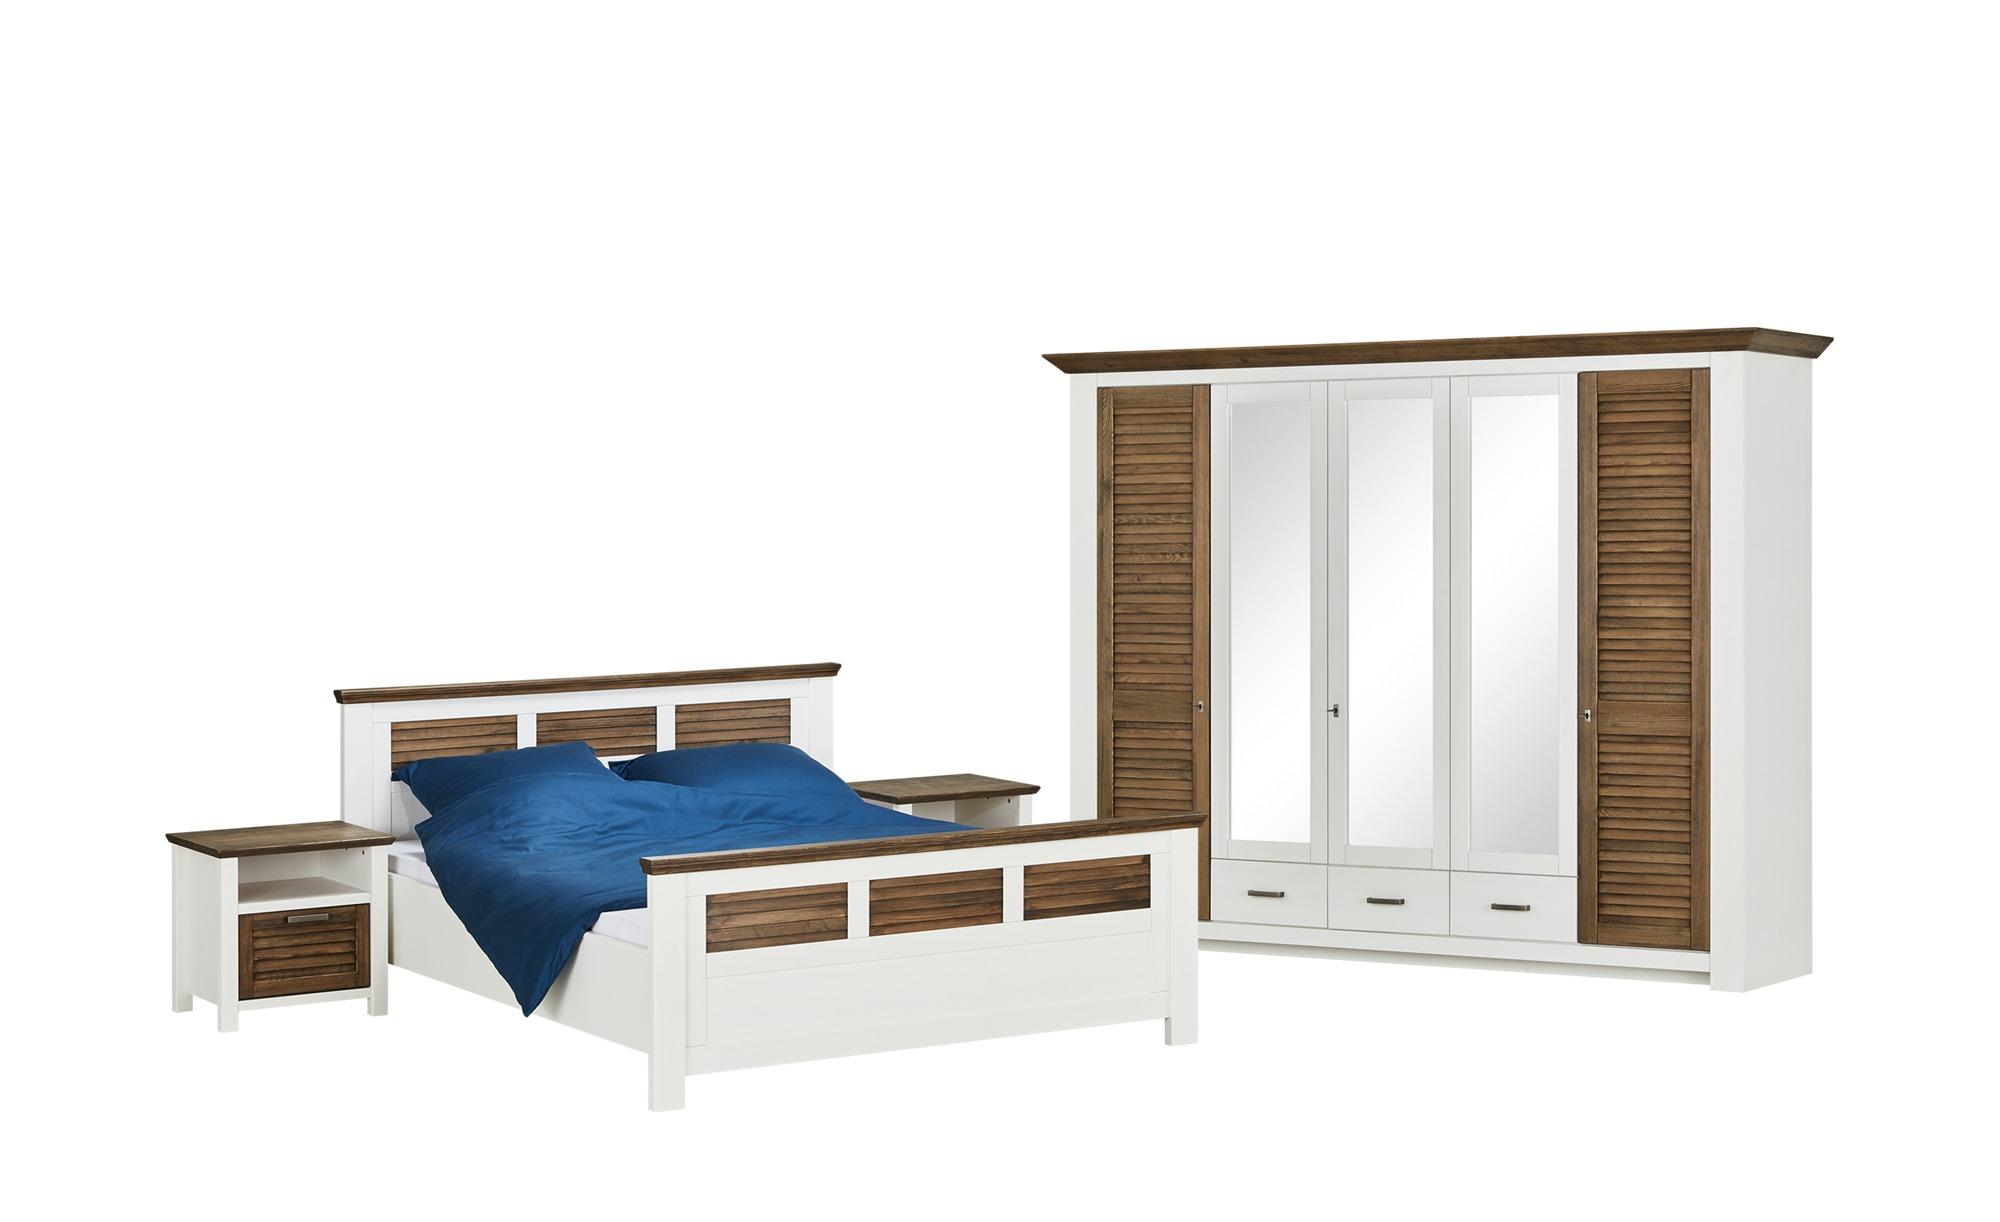 Komplett-Schlafzimmer 4-teilig, gefunden bei Möbel Kraft